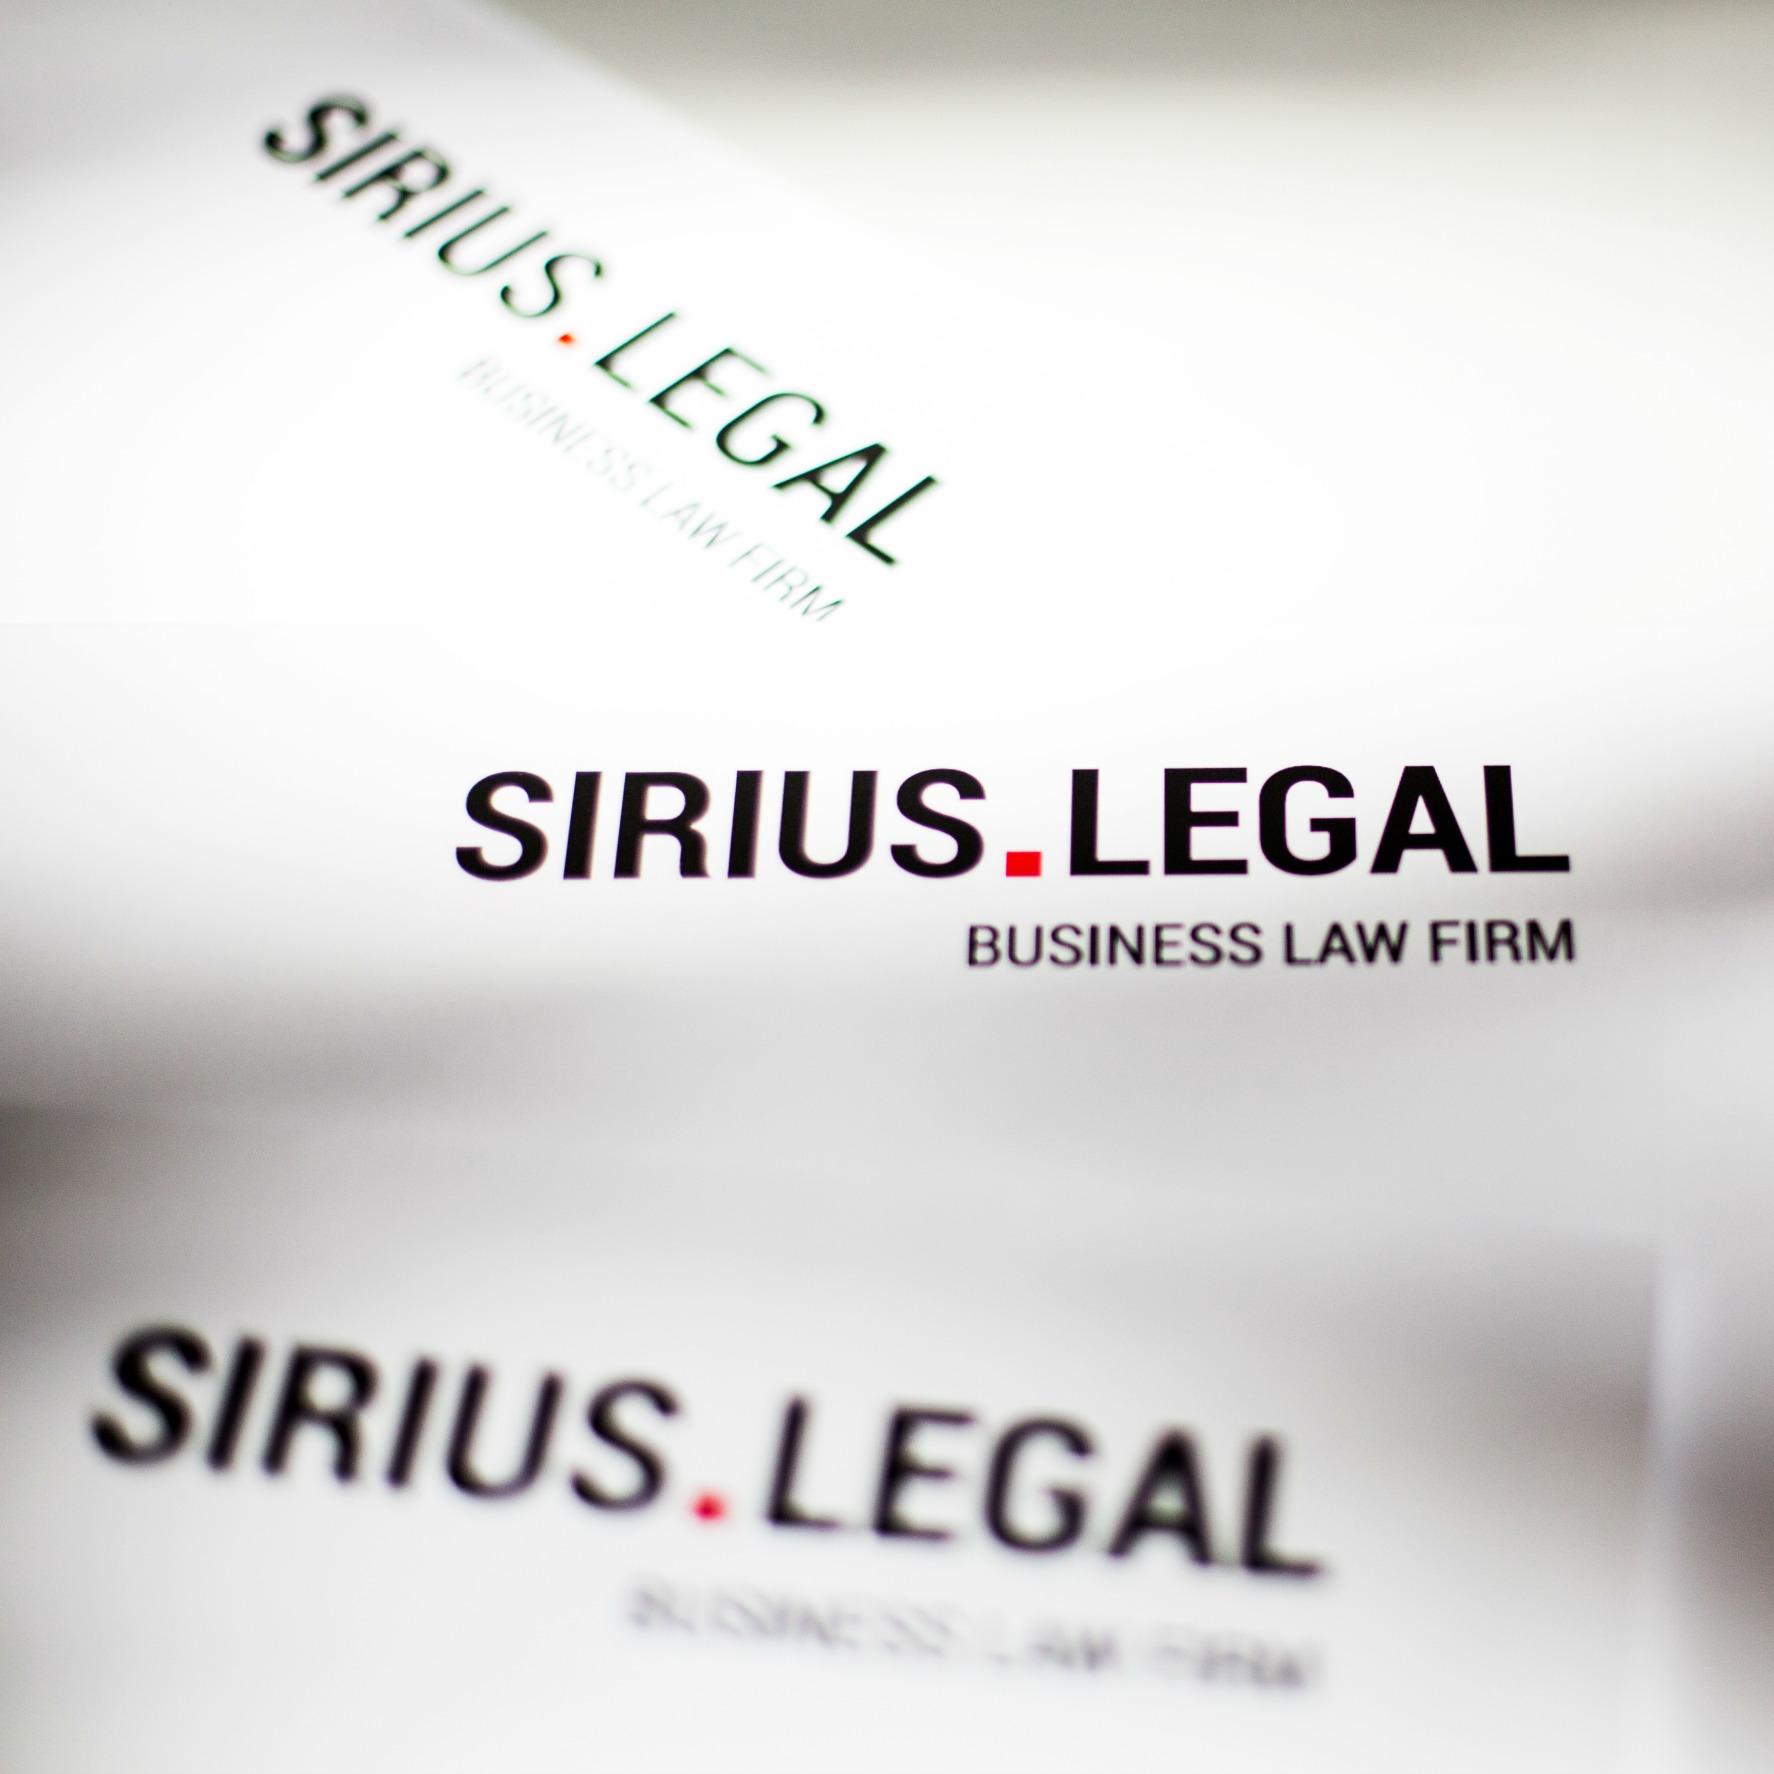 Sirius Legal